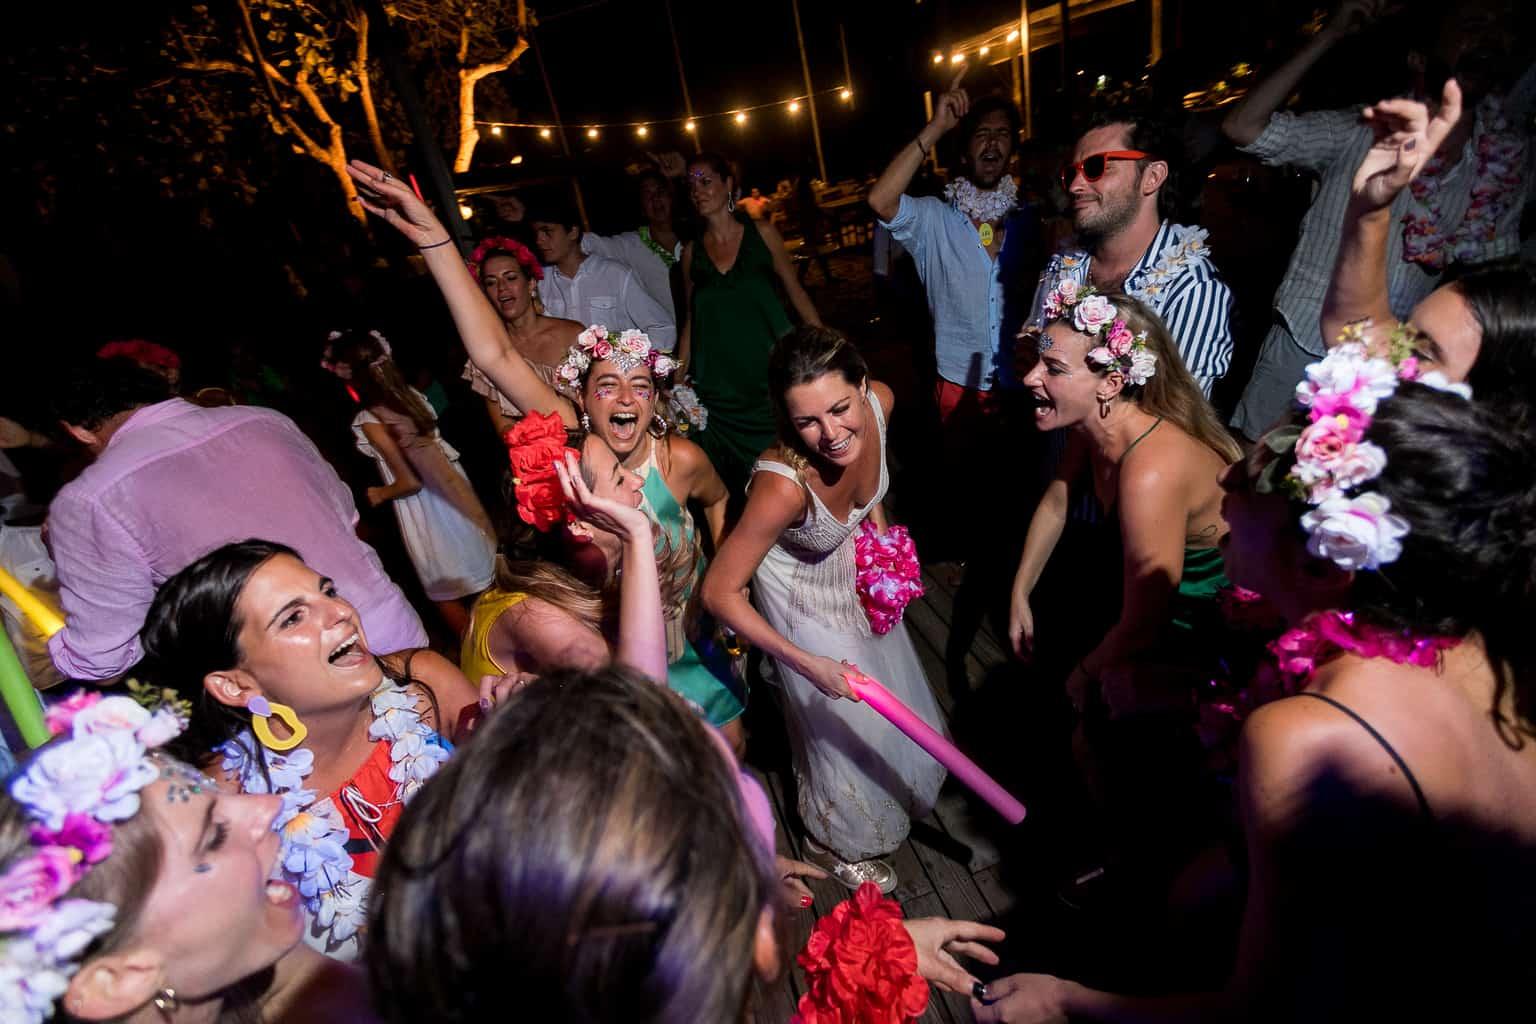 Casamento-Victoria-e-Christian-Fotografia-Tiago-Saldanha-Festa948_MG_2580